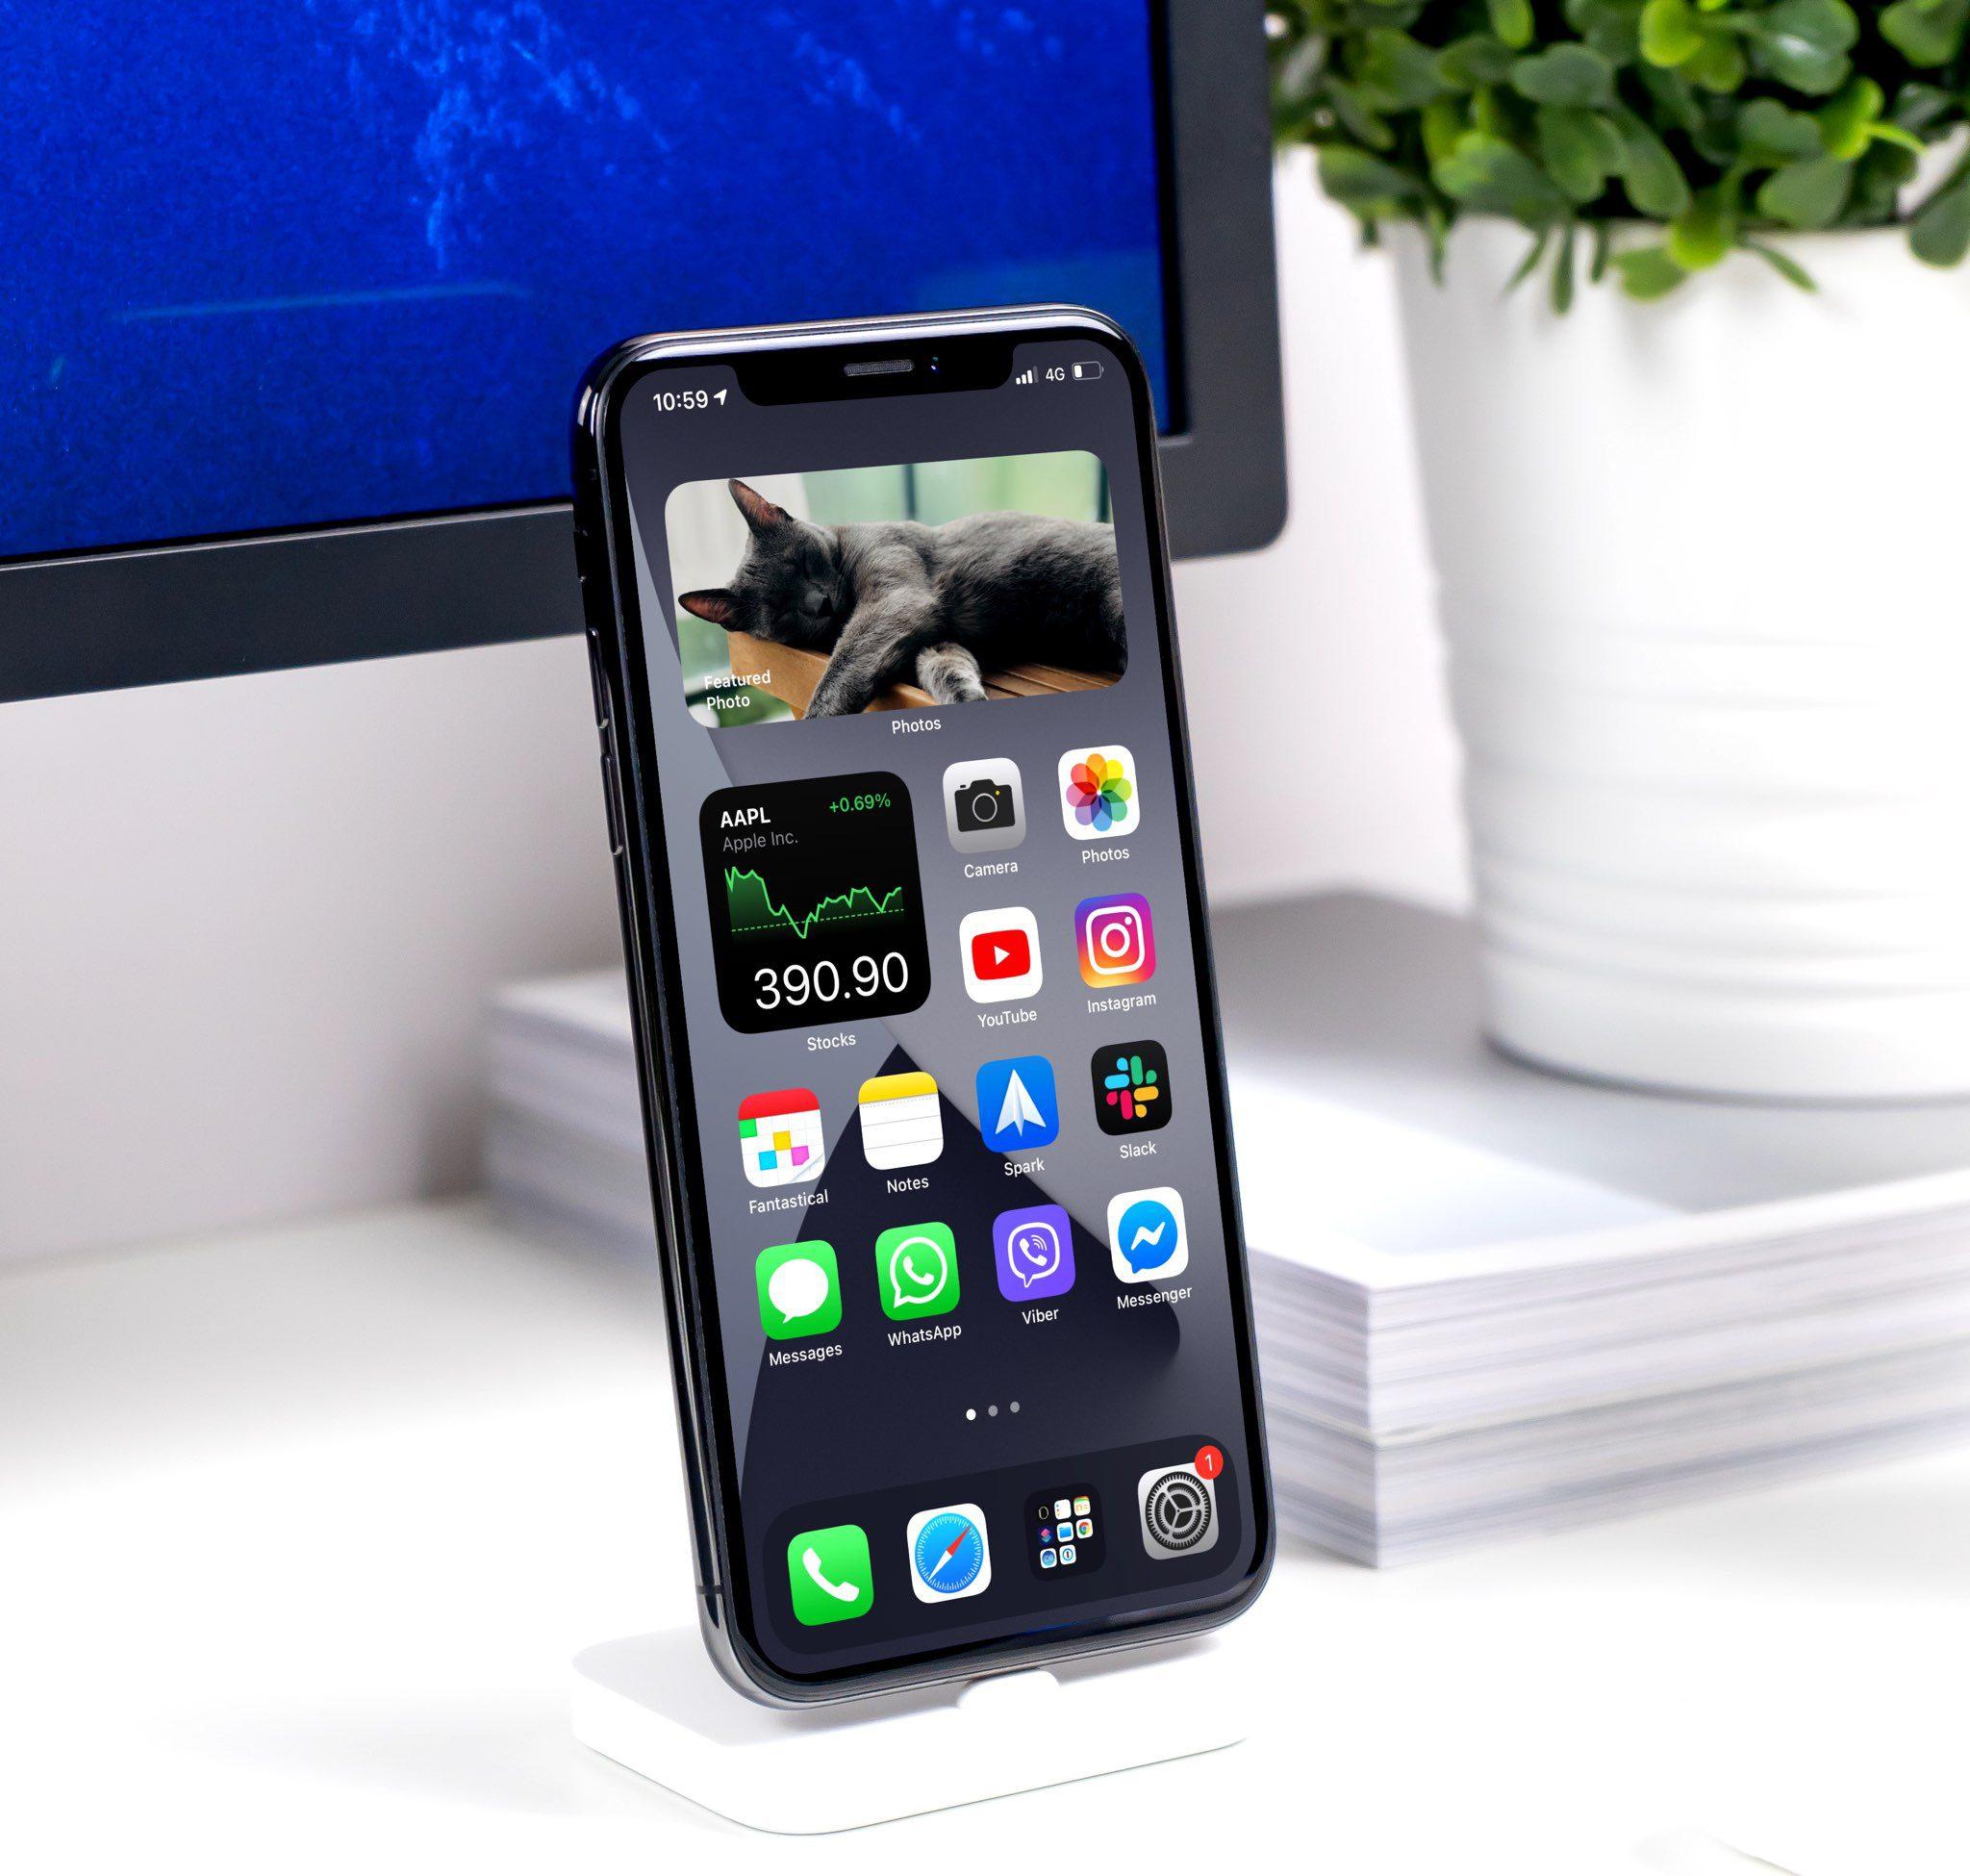 Widgets de pila inteligente en iPhone - Hero Image